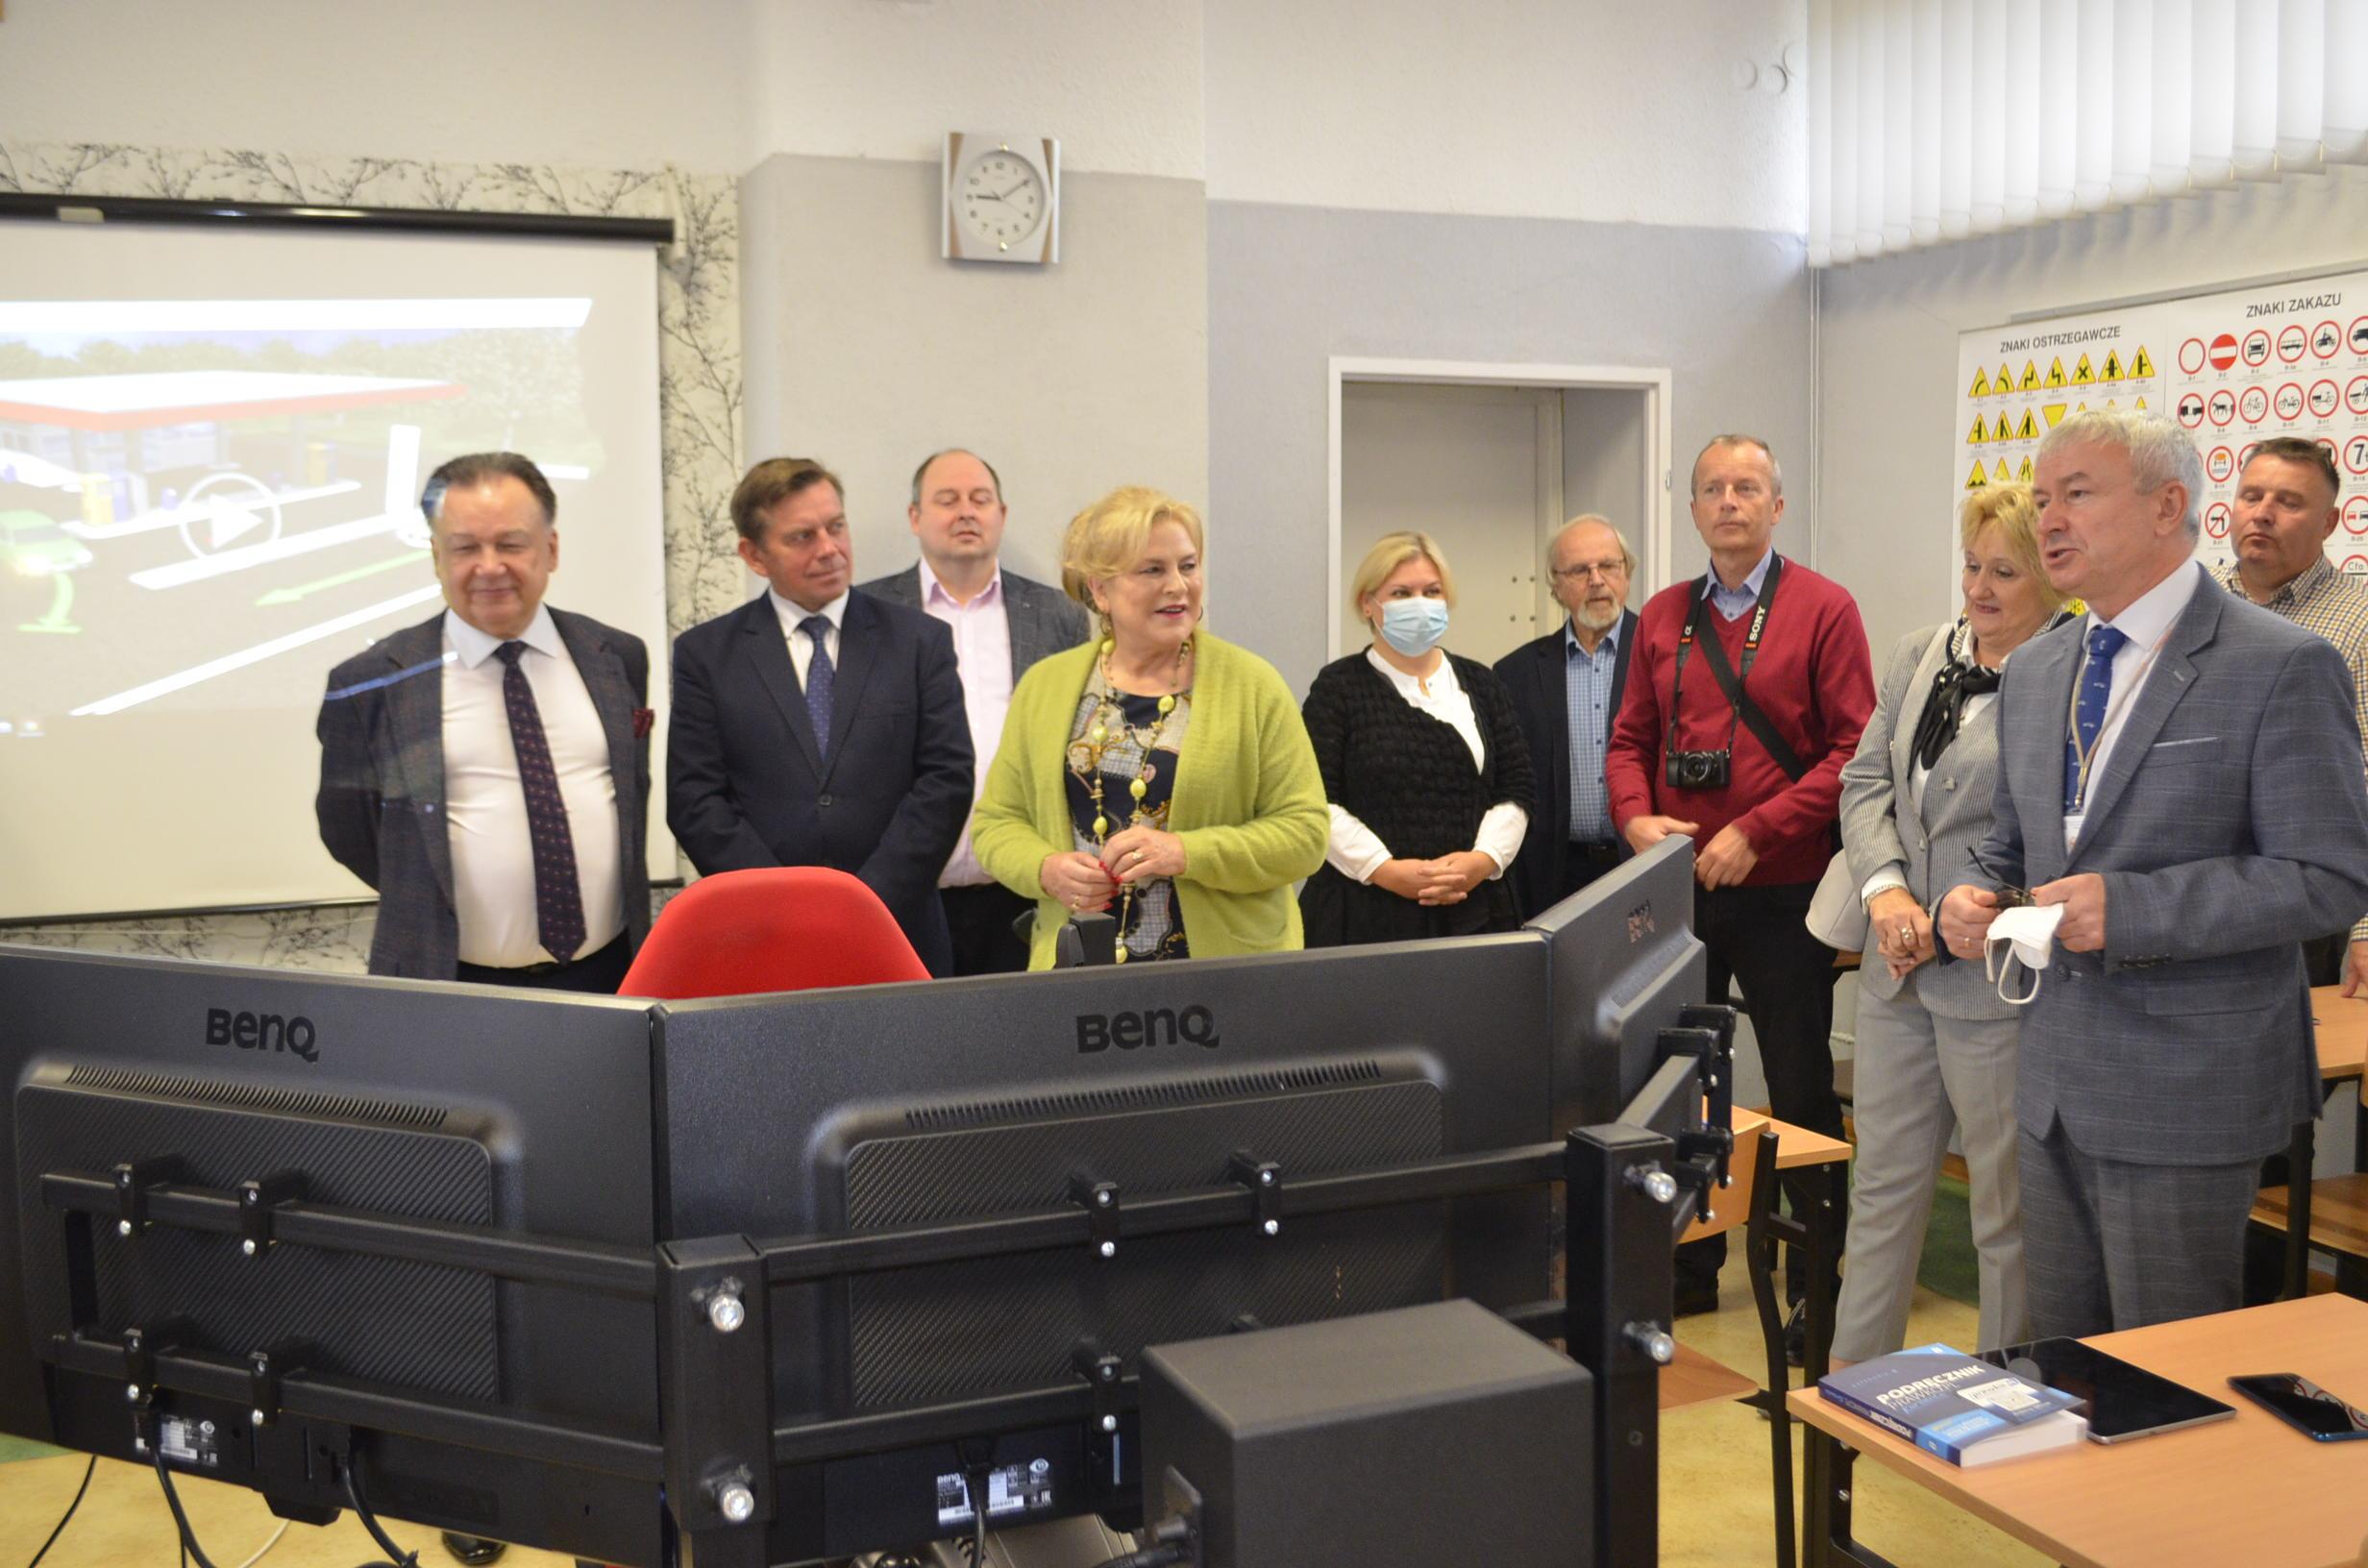 Funkcjonowanie Sali omawia Zastępca Dyrektora WORD w Warszawie.